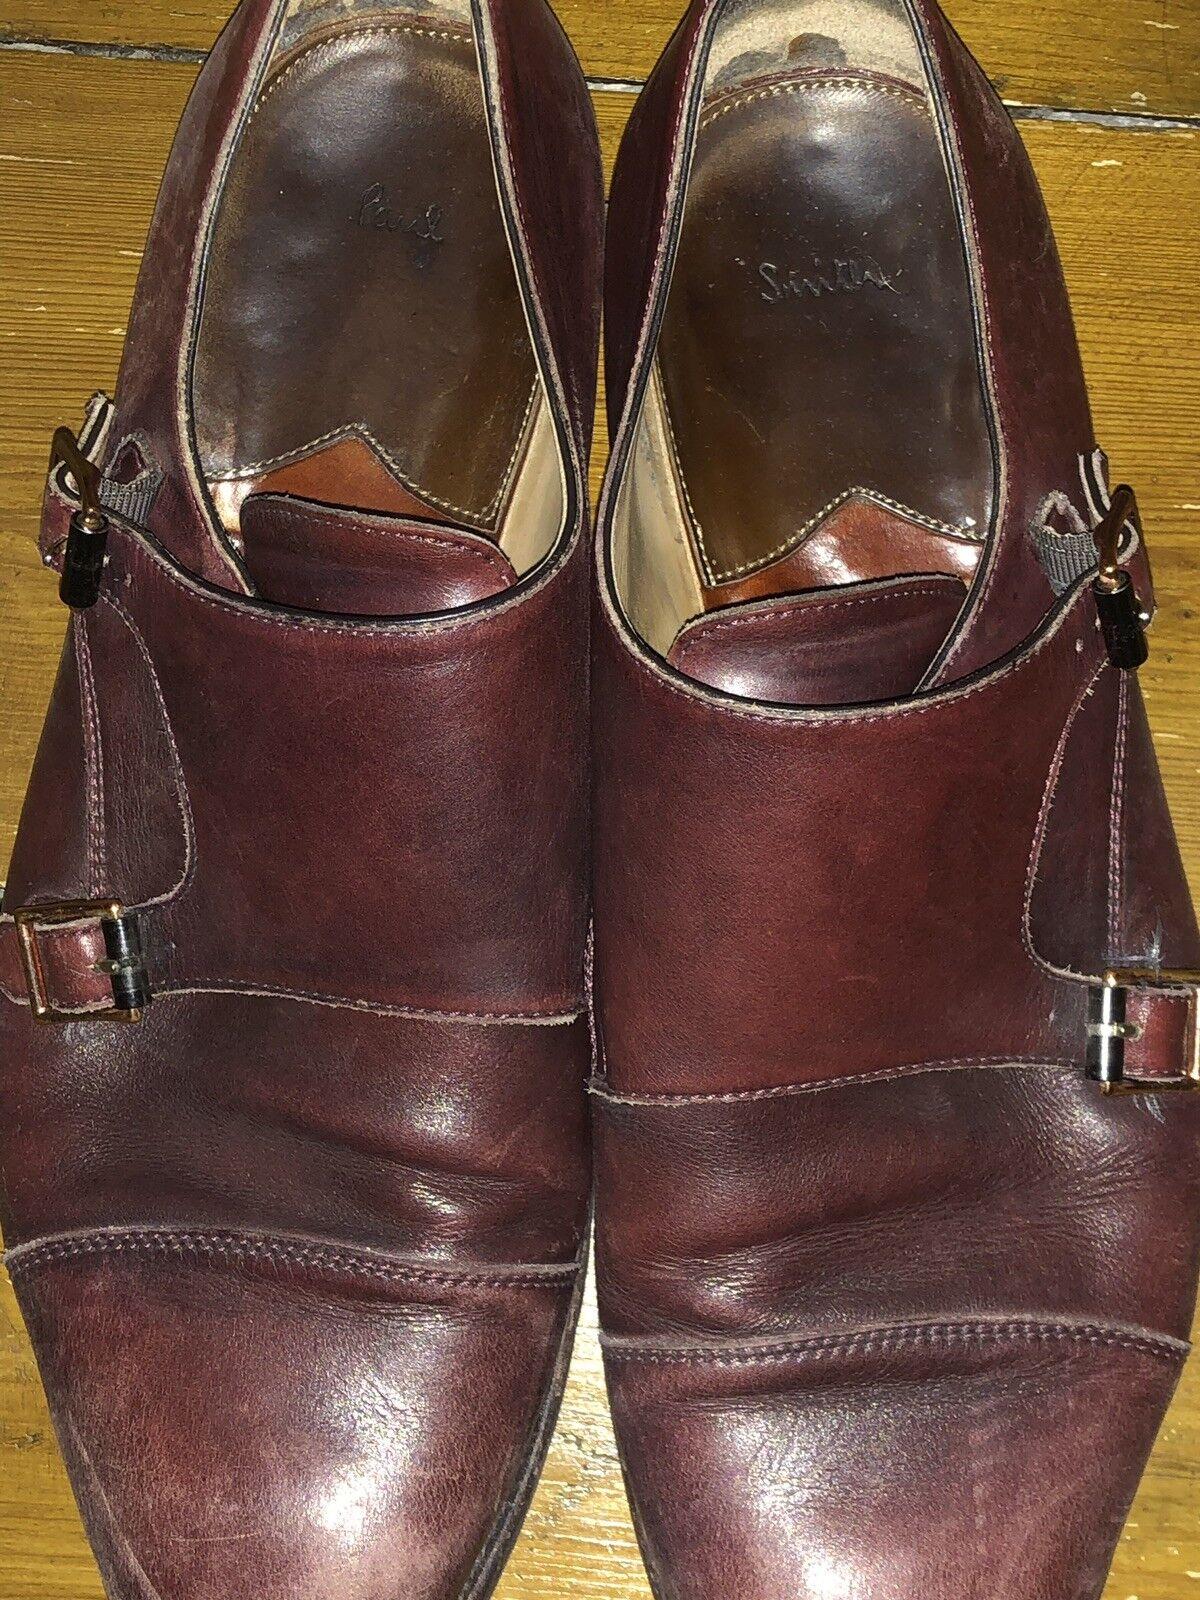 Paul Smith Double Monkstrap shoes Size 10